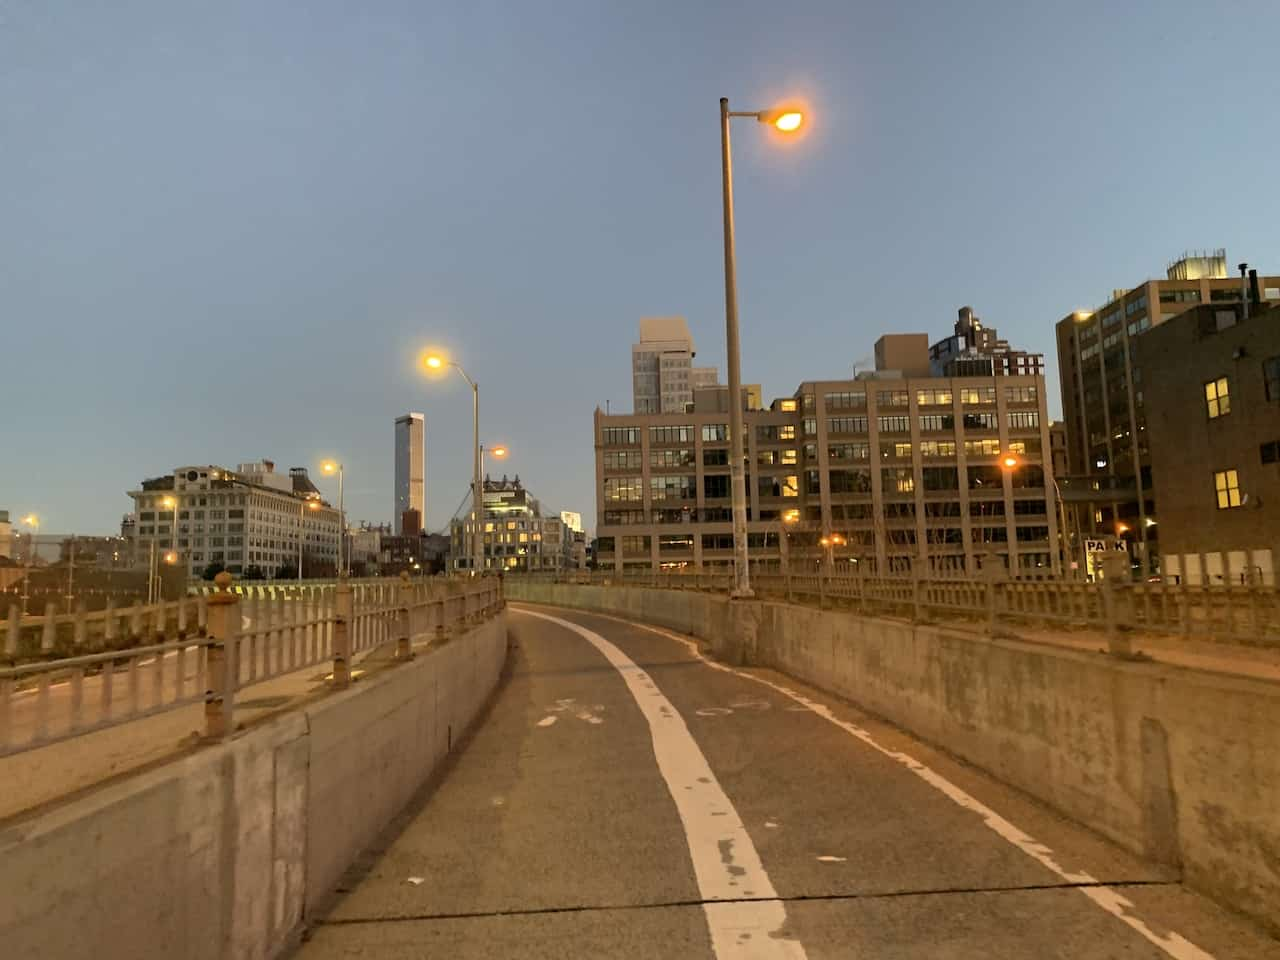 Approach to Brooklyn Bridge